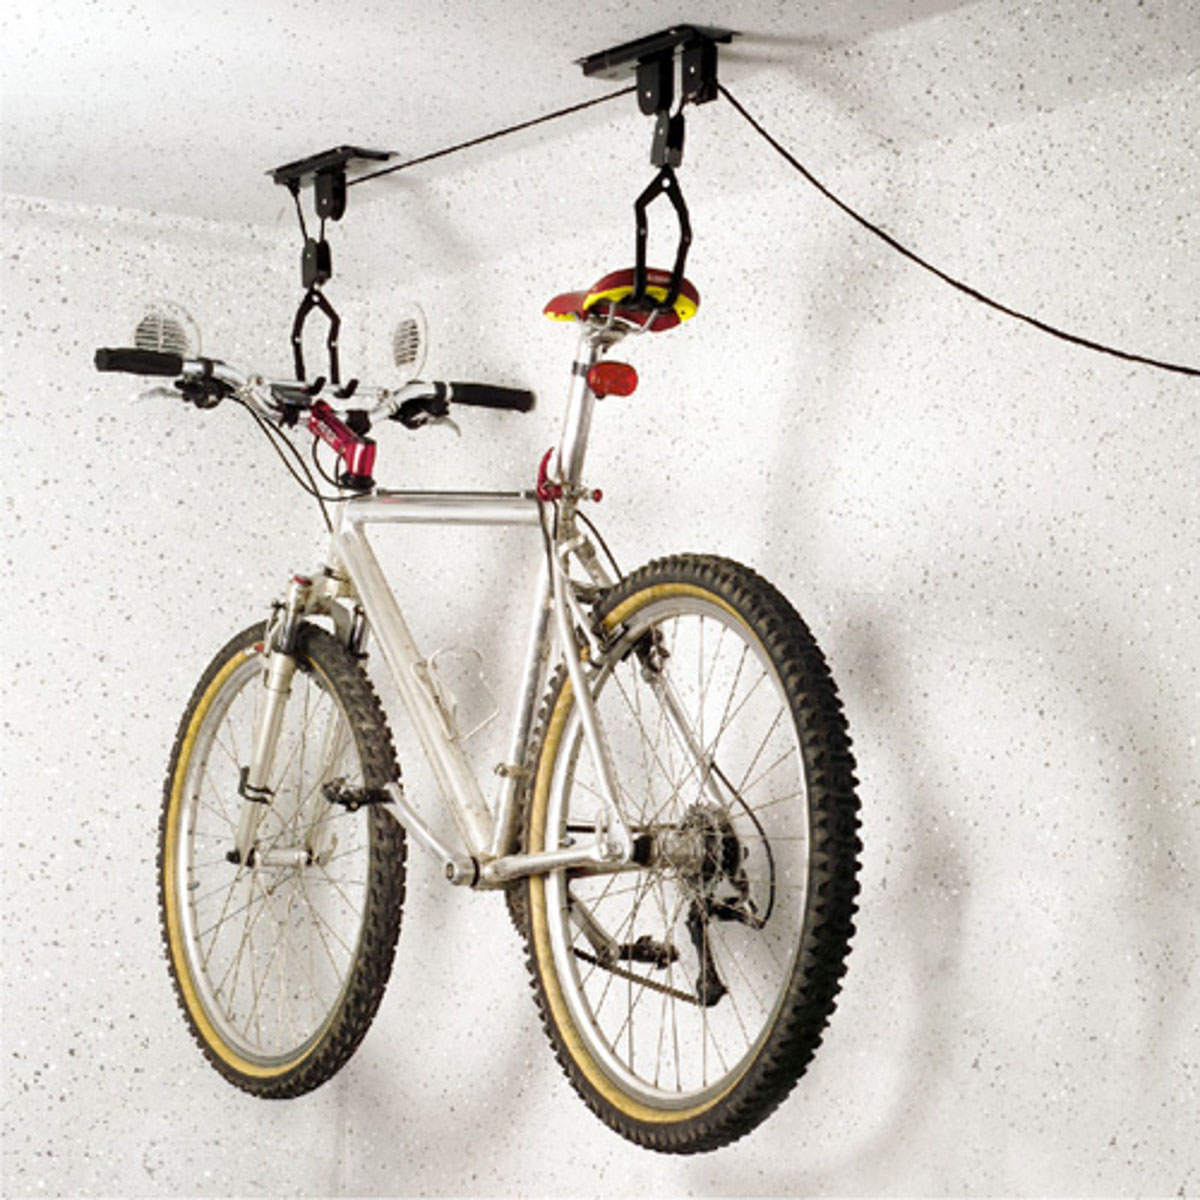 Подъемный механизм для велосипеда МастерПрофZ90 blackПодъемный механизм (лифт) - идеальный способ для хранения велосипеда.Экономит пространство в помещении и защищает шины велосипеда.В Механизме используется система из верёвки и шкива, которая устанавливаетсяна потолке. Механизм позволяет поднимать и опускать велосипед на нужную высоту.Для потолков не более 4 метров. Максимальная нагрузка 20 кг.Кроме хранения велосипедов, подходит для хранения каяков, автомобильных багажников и прочих вещей, которые периодически востребованы и требуют быстрого доступа.